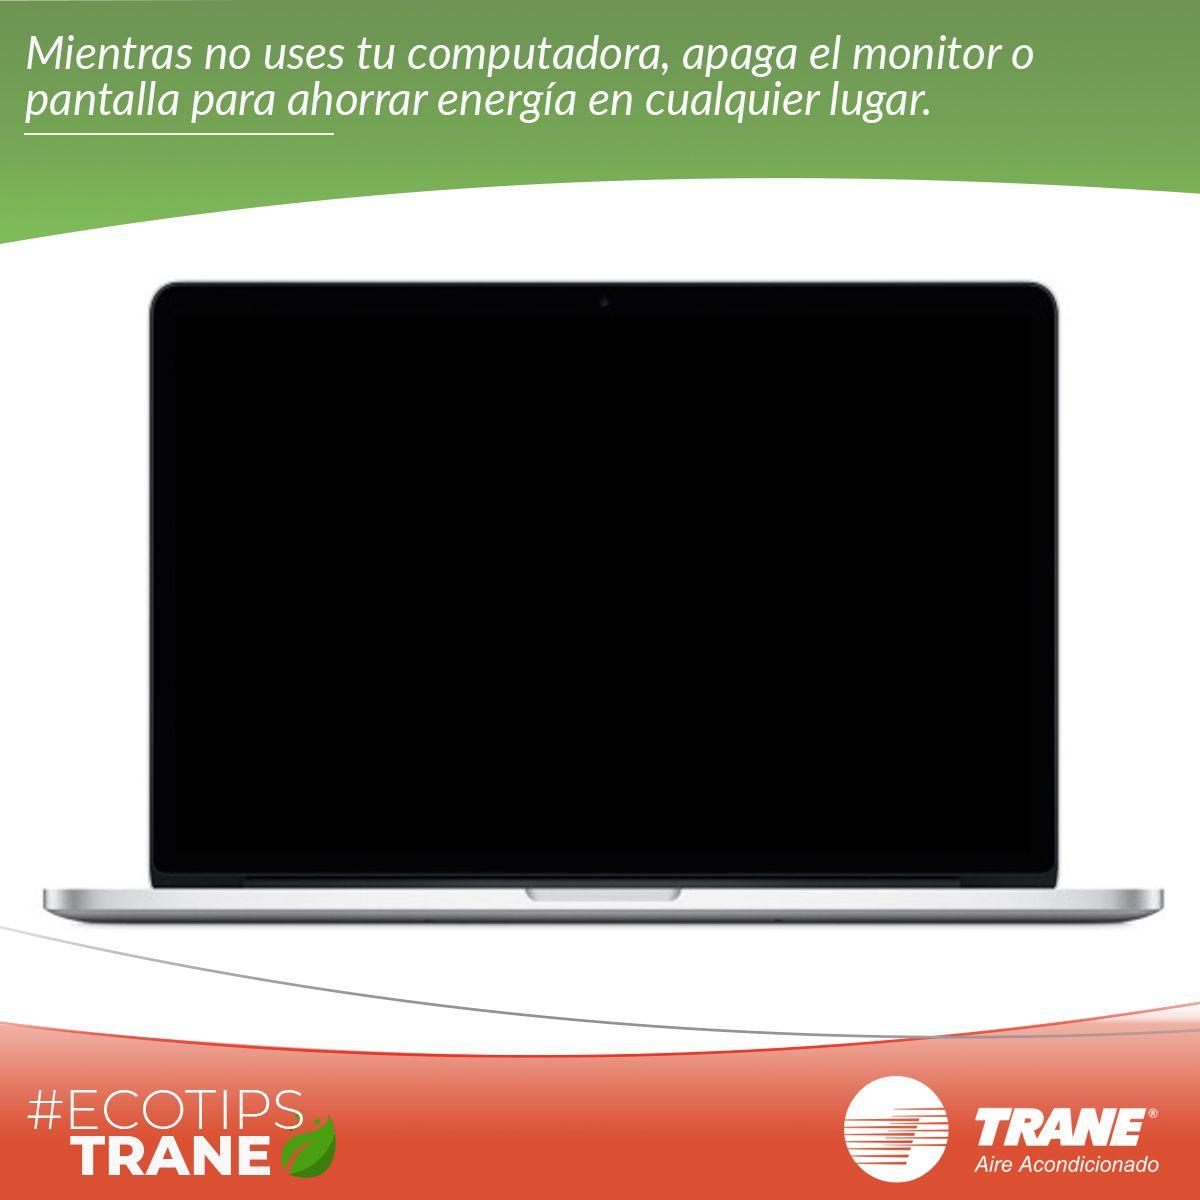 Ahorra energía en todas partes apagando el monitor o